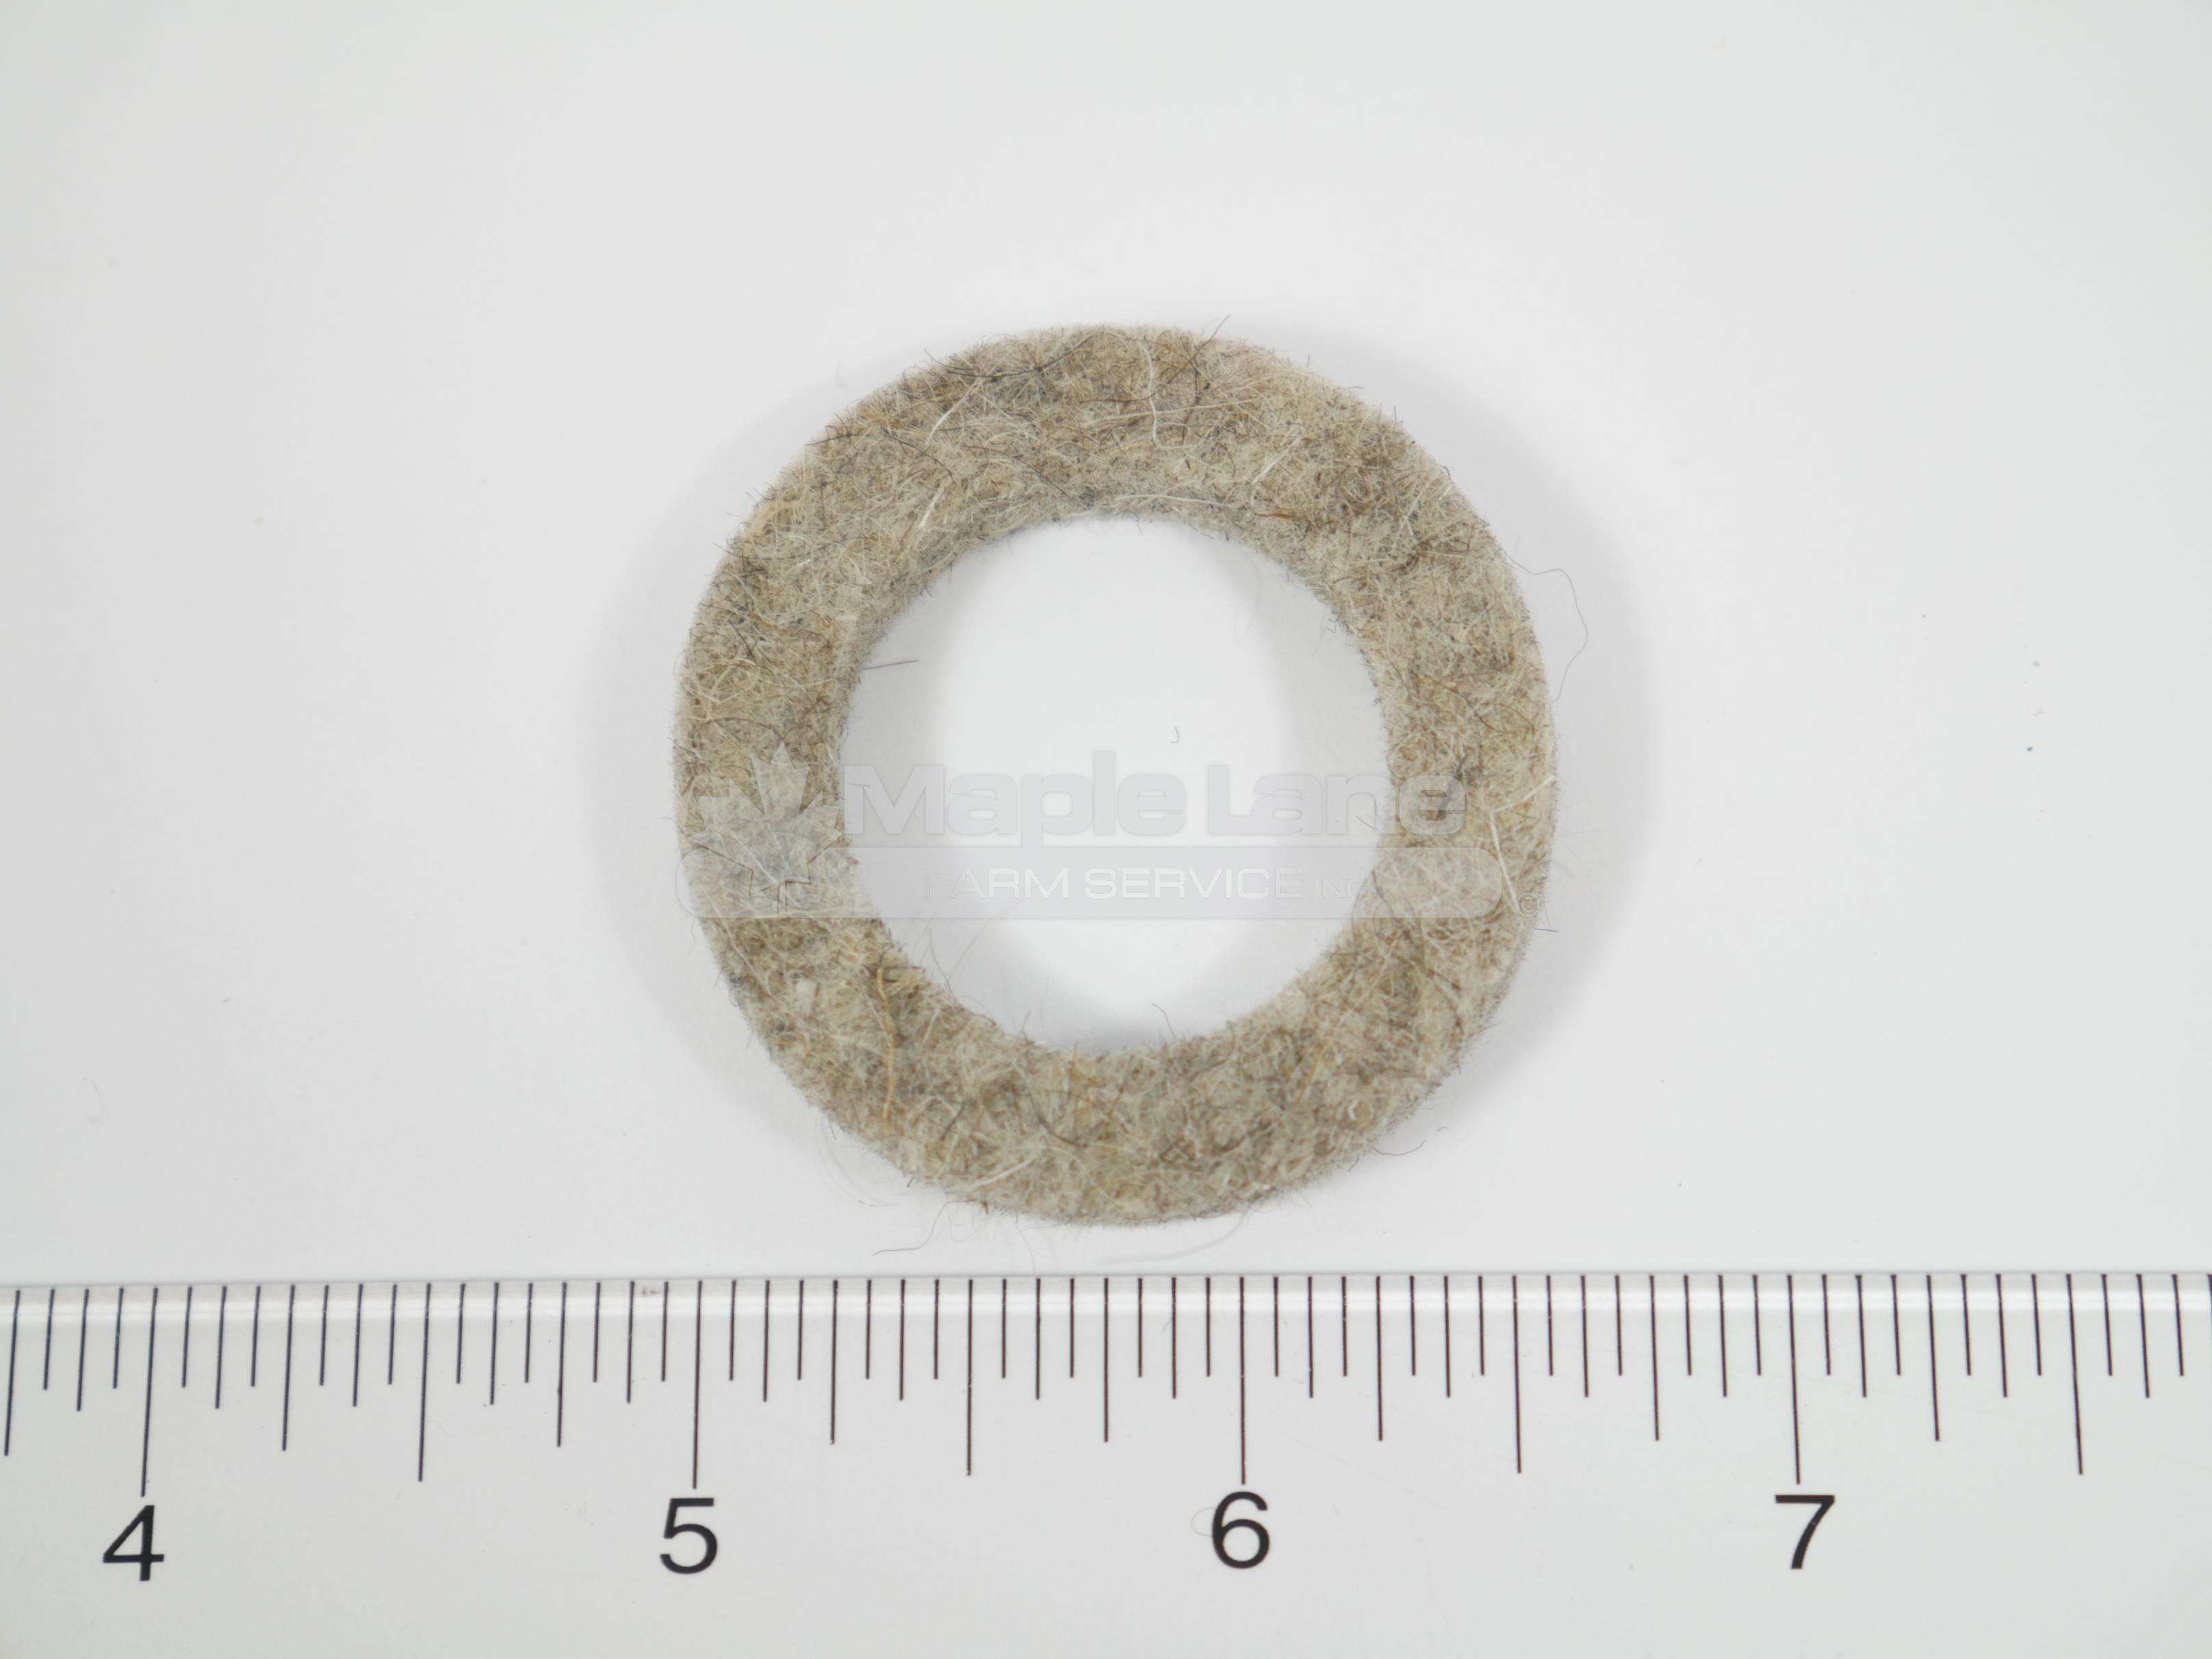 210092 Felt Seal